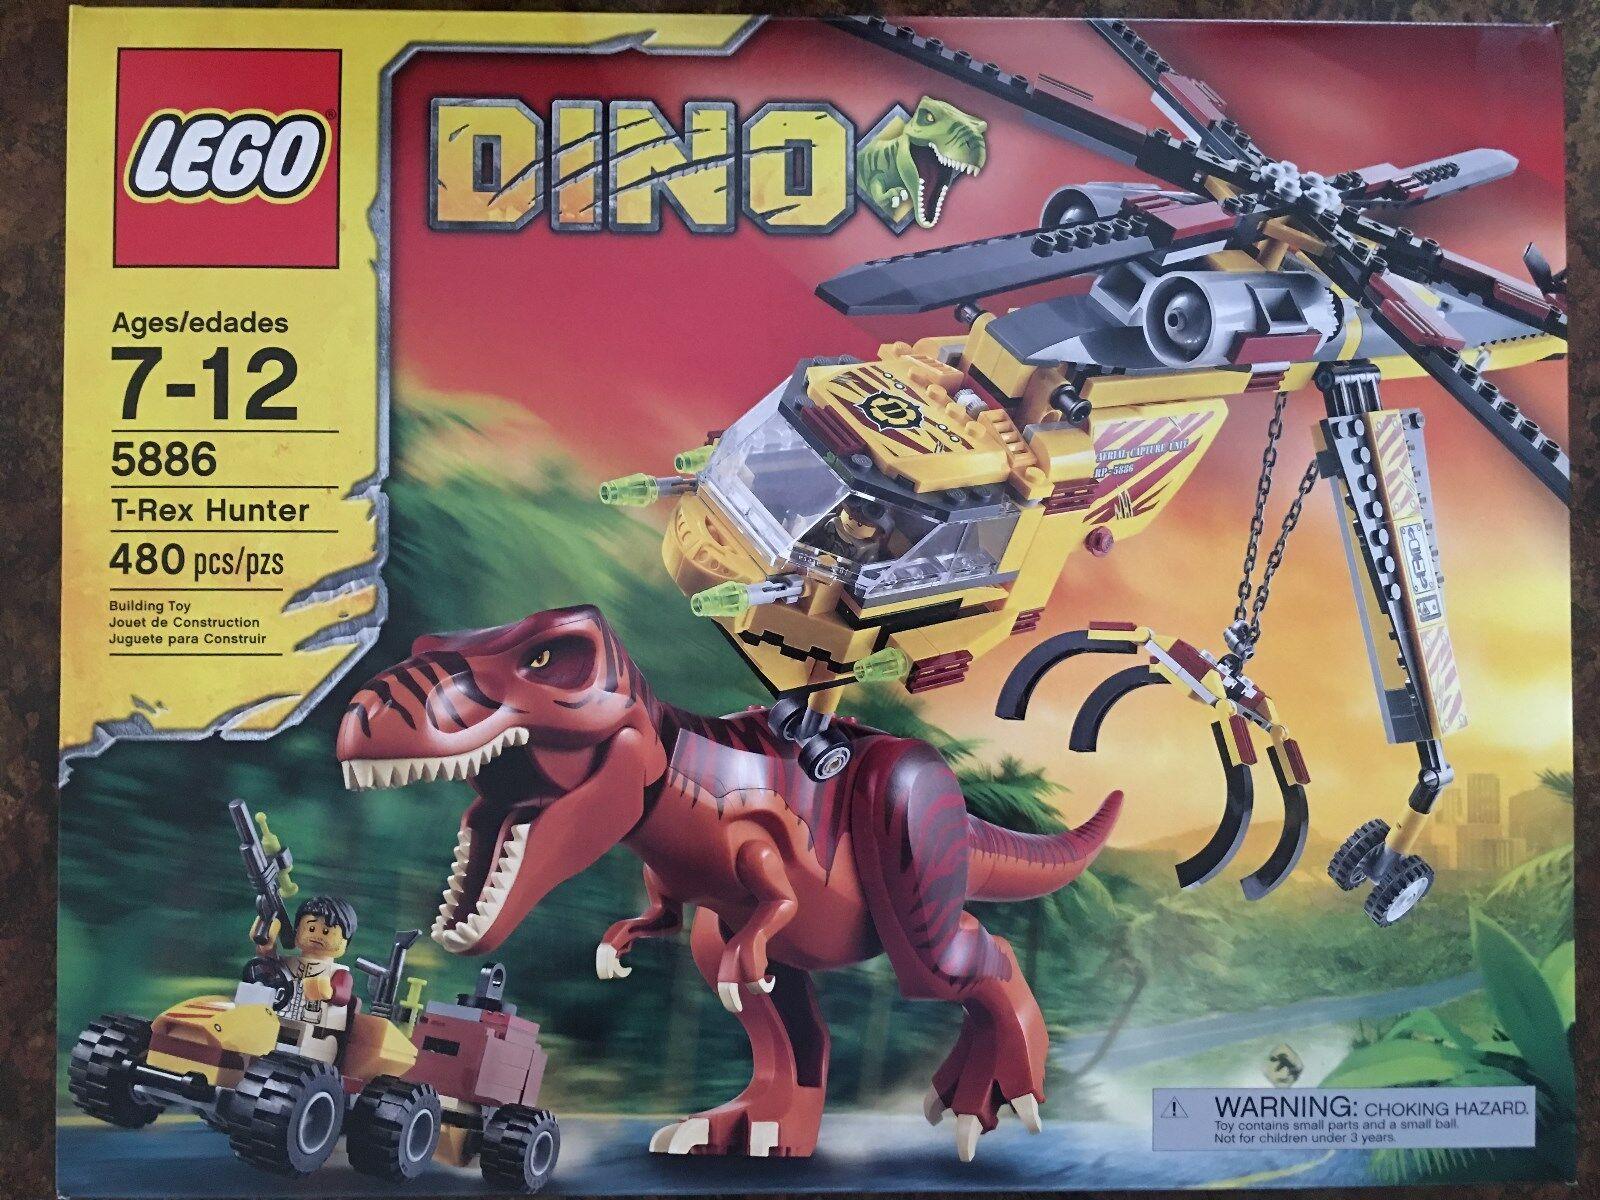 Lego  5886 Dino T-Rex Hunter Bre nuovo in a sealed scatola  tutto in alta qualità e prezzo basso